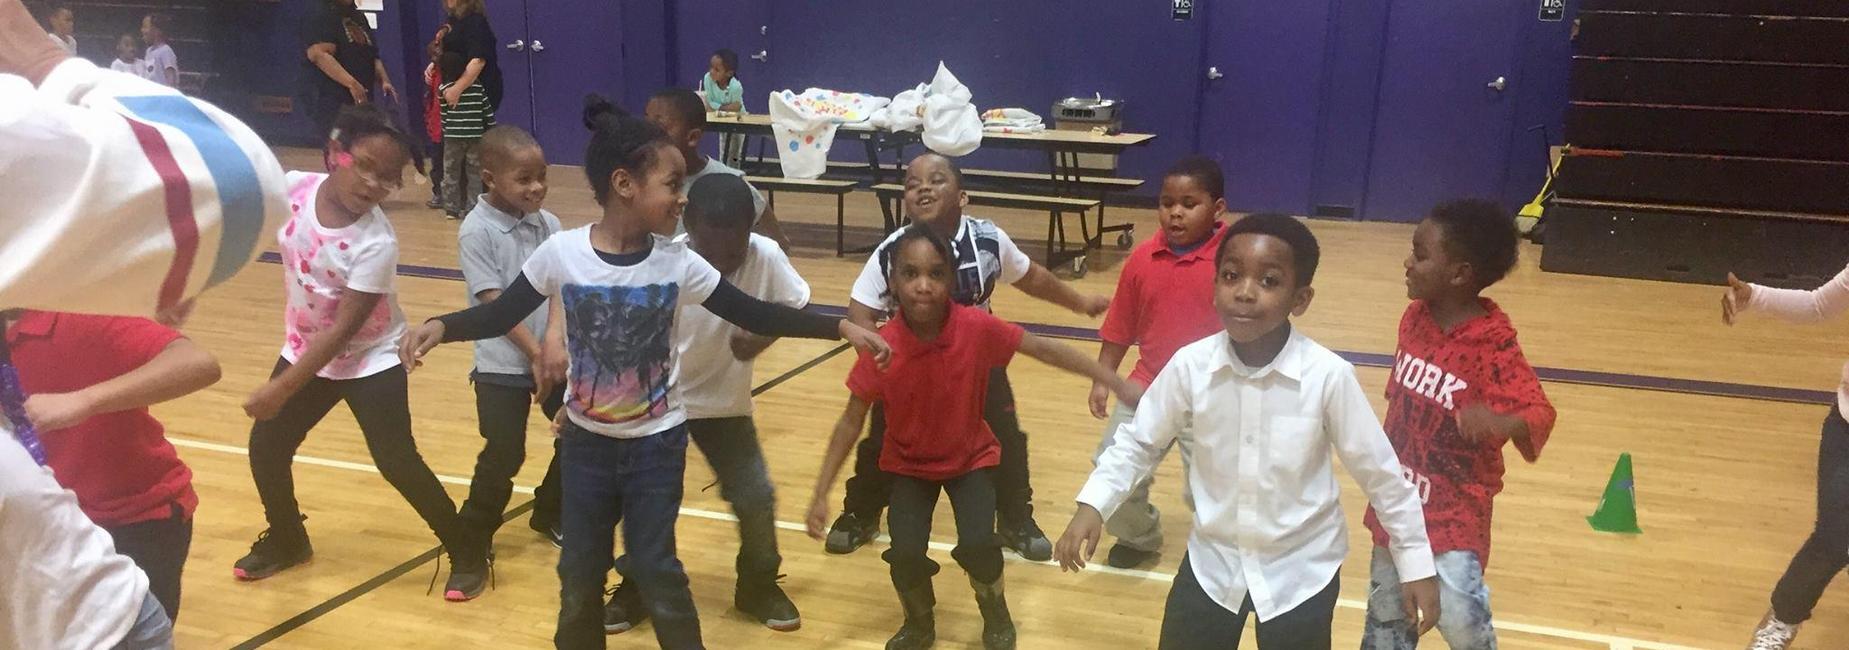 Scholars dancing